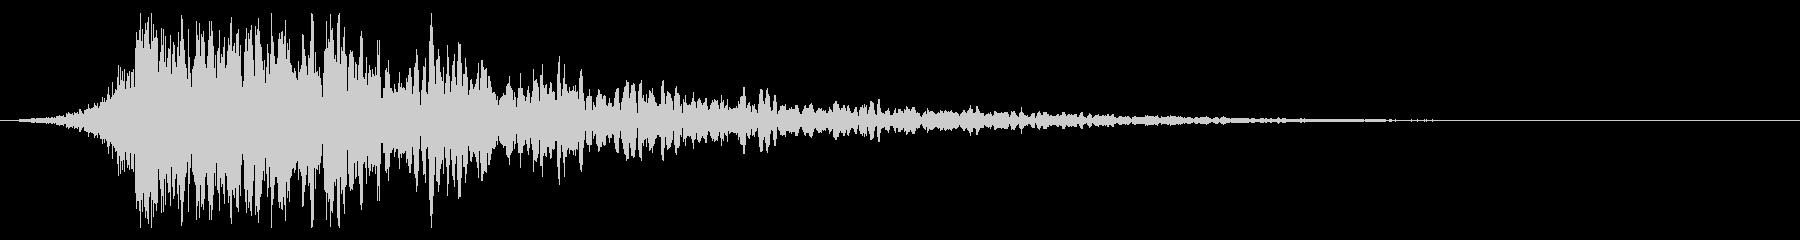 シュードーン-34-1(インパクト音)の未再生の波形